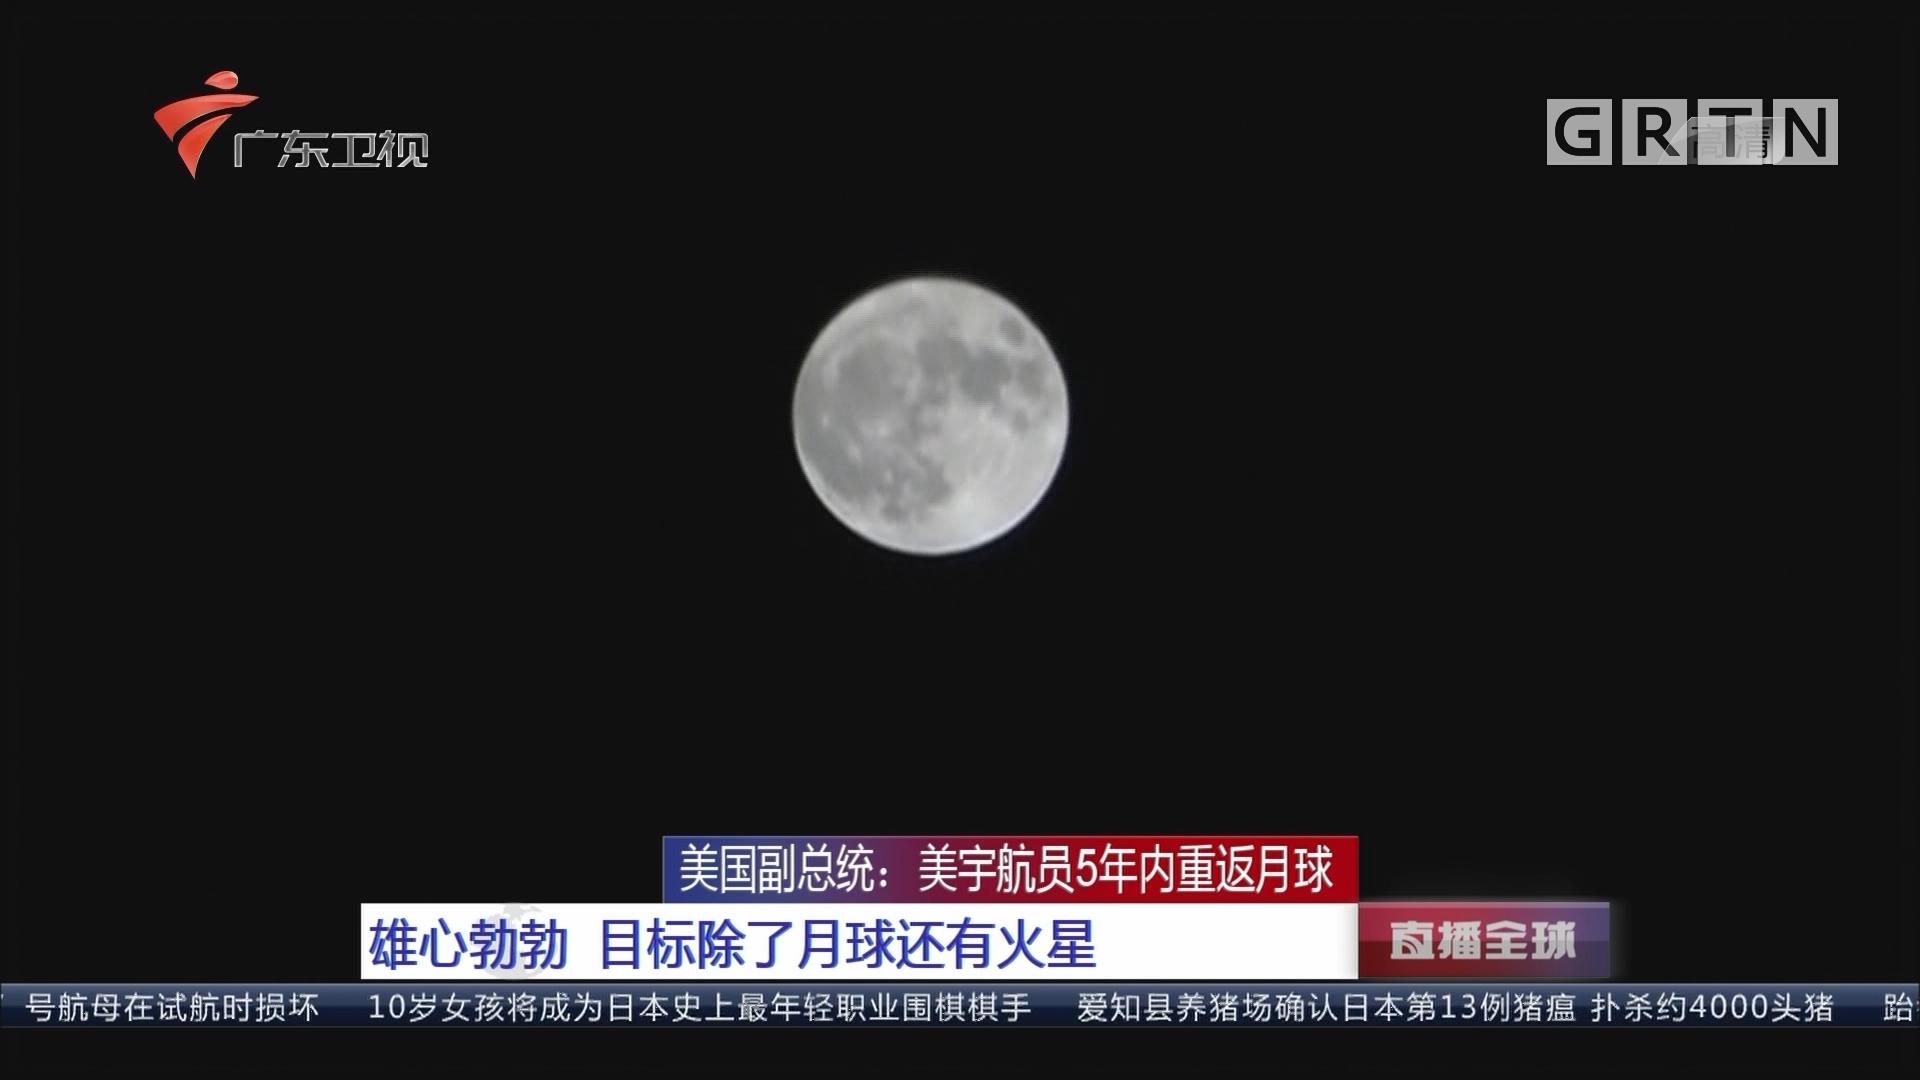 美国副总统:美宇航员5年内重返月球 雄心勃勃 目标除了月球还有火星